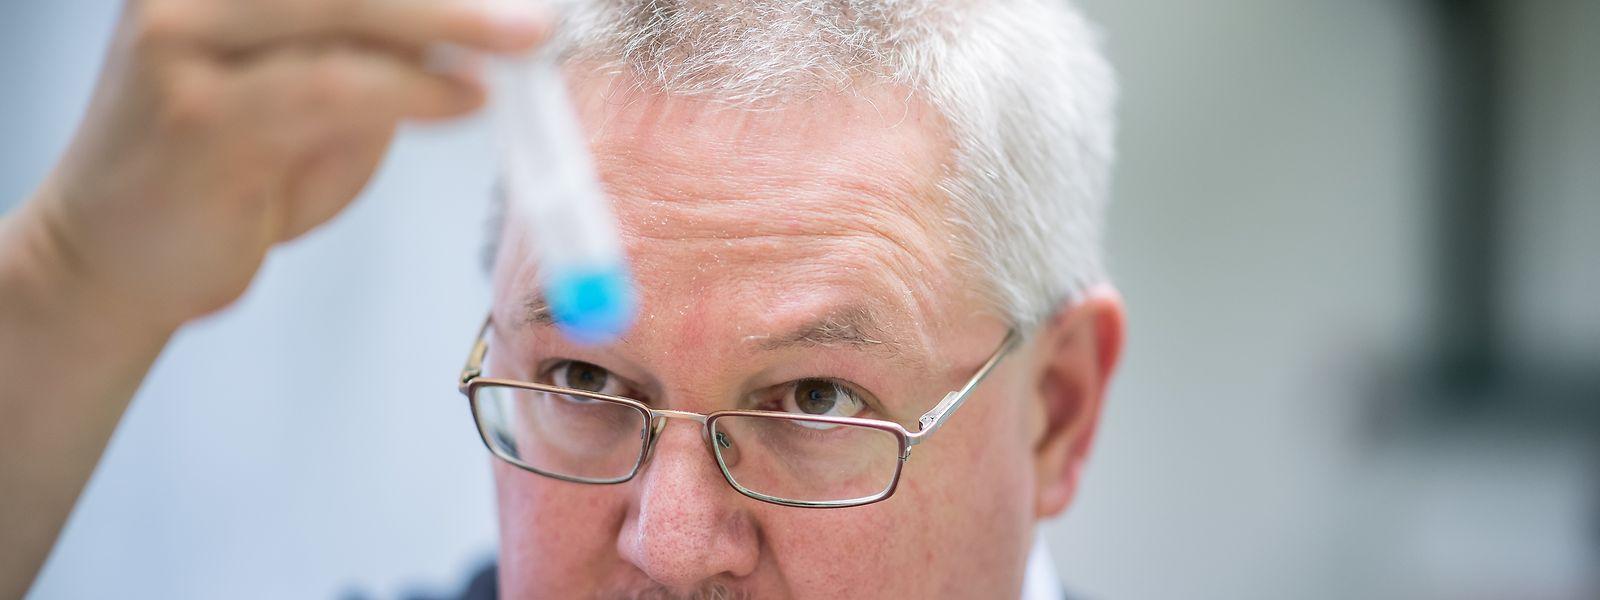 Thorsten Marquardt, Facharzt für Kinder- und Jugendmedizin an der Universitätsklinik in Münster, betreut einen Patienten, der als einer von drei Menschen auf der Welt immun gegen Rizin ist.